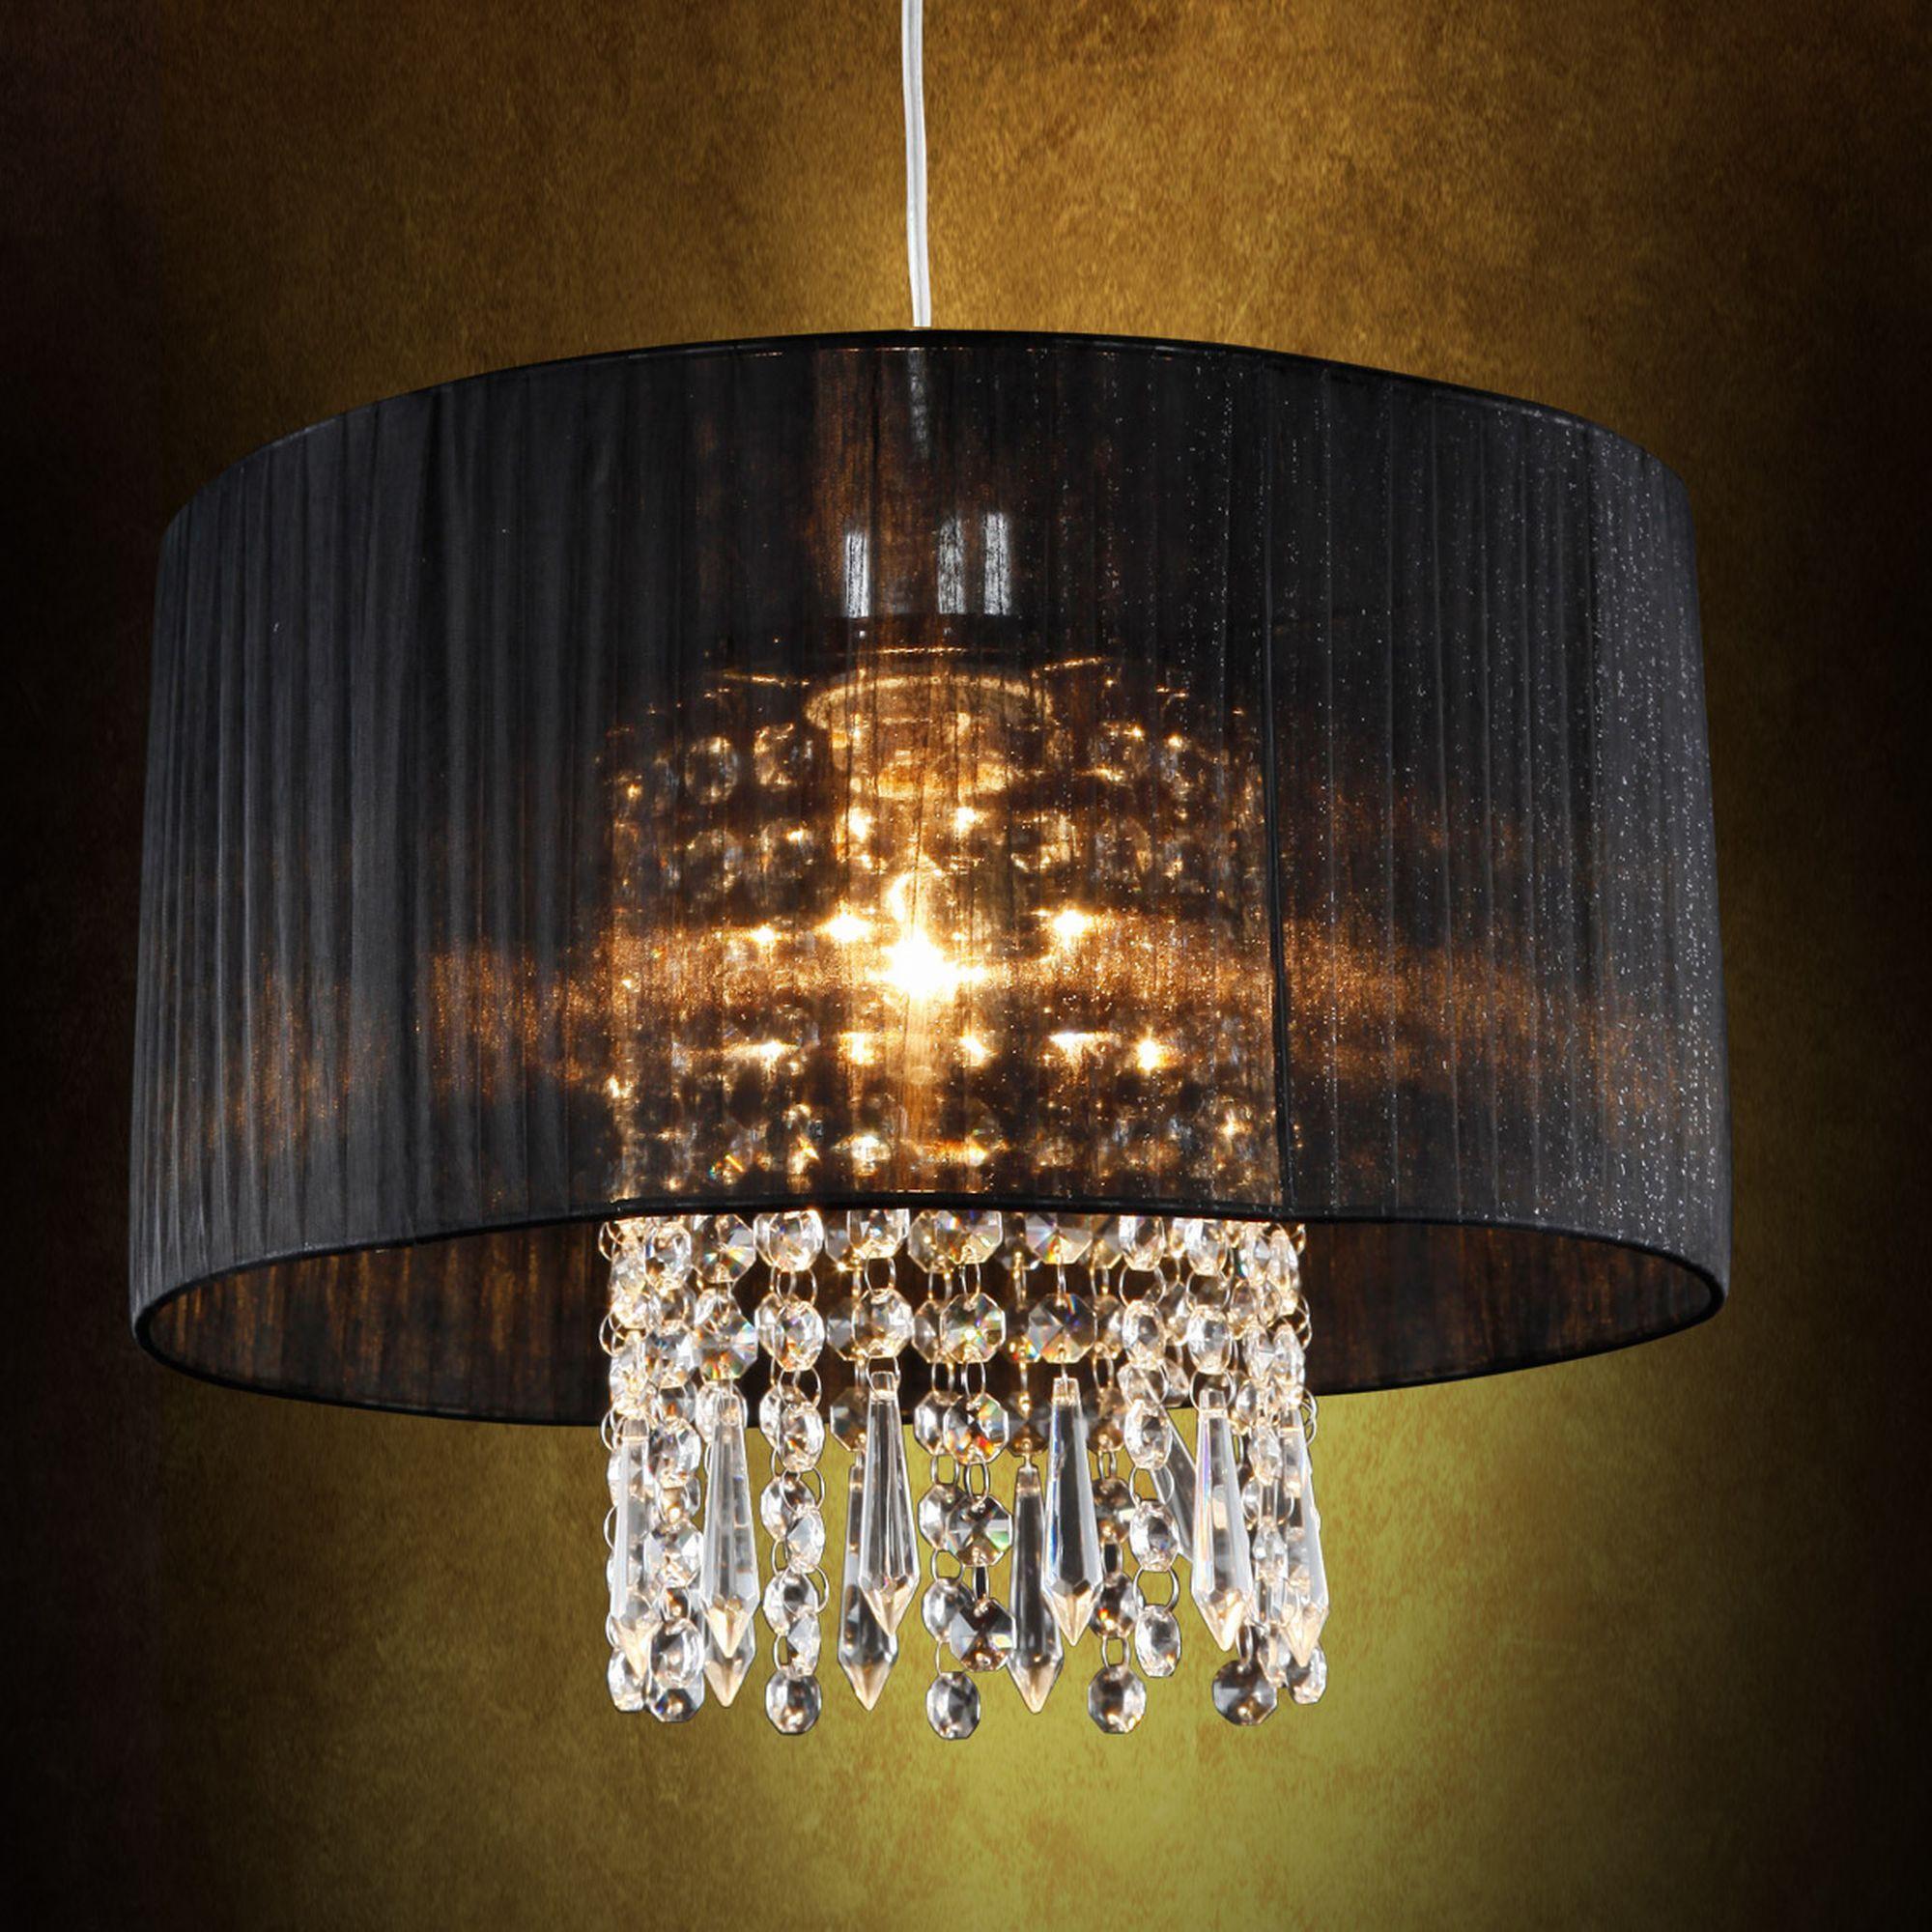 Moderne Deckenleuchte Hängeleuchte Kronleuchter Lüster Schwarz Stoff Kristall Ebay Kronleuchter Kristall Lampe Hängeleuchte